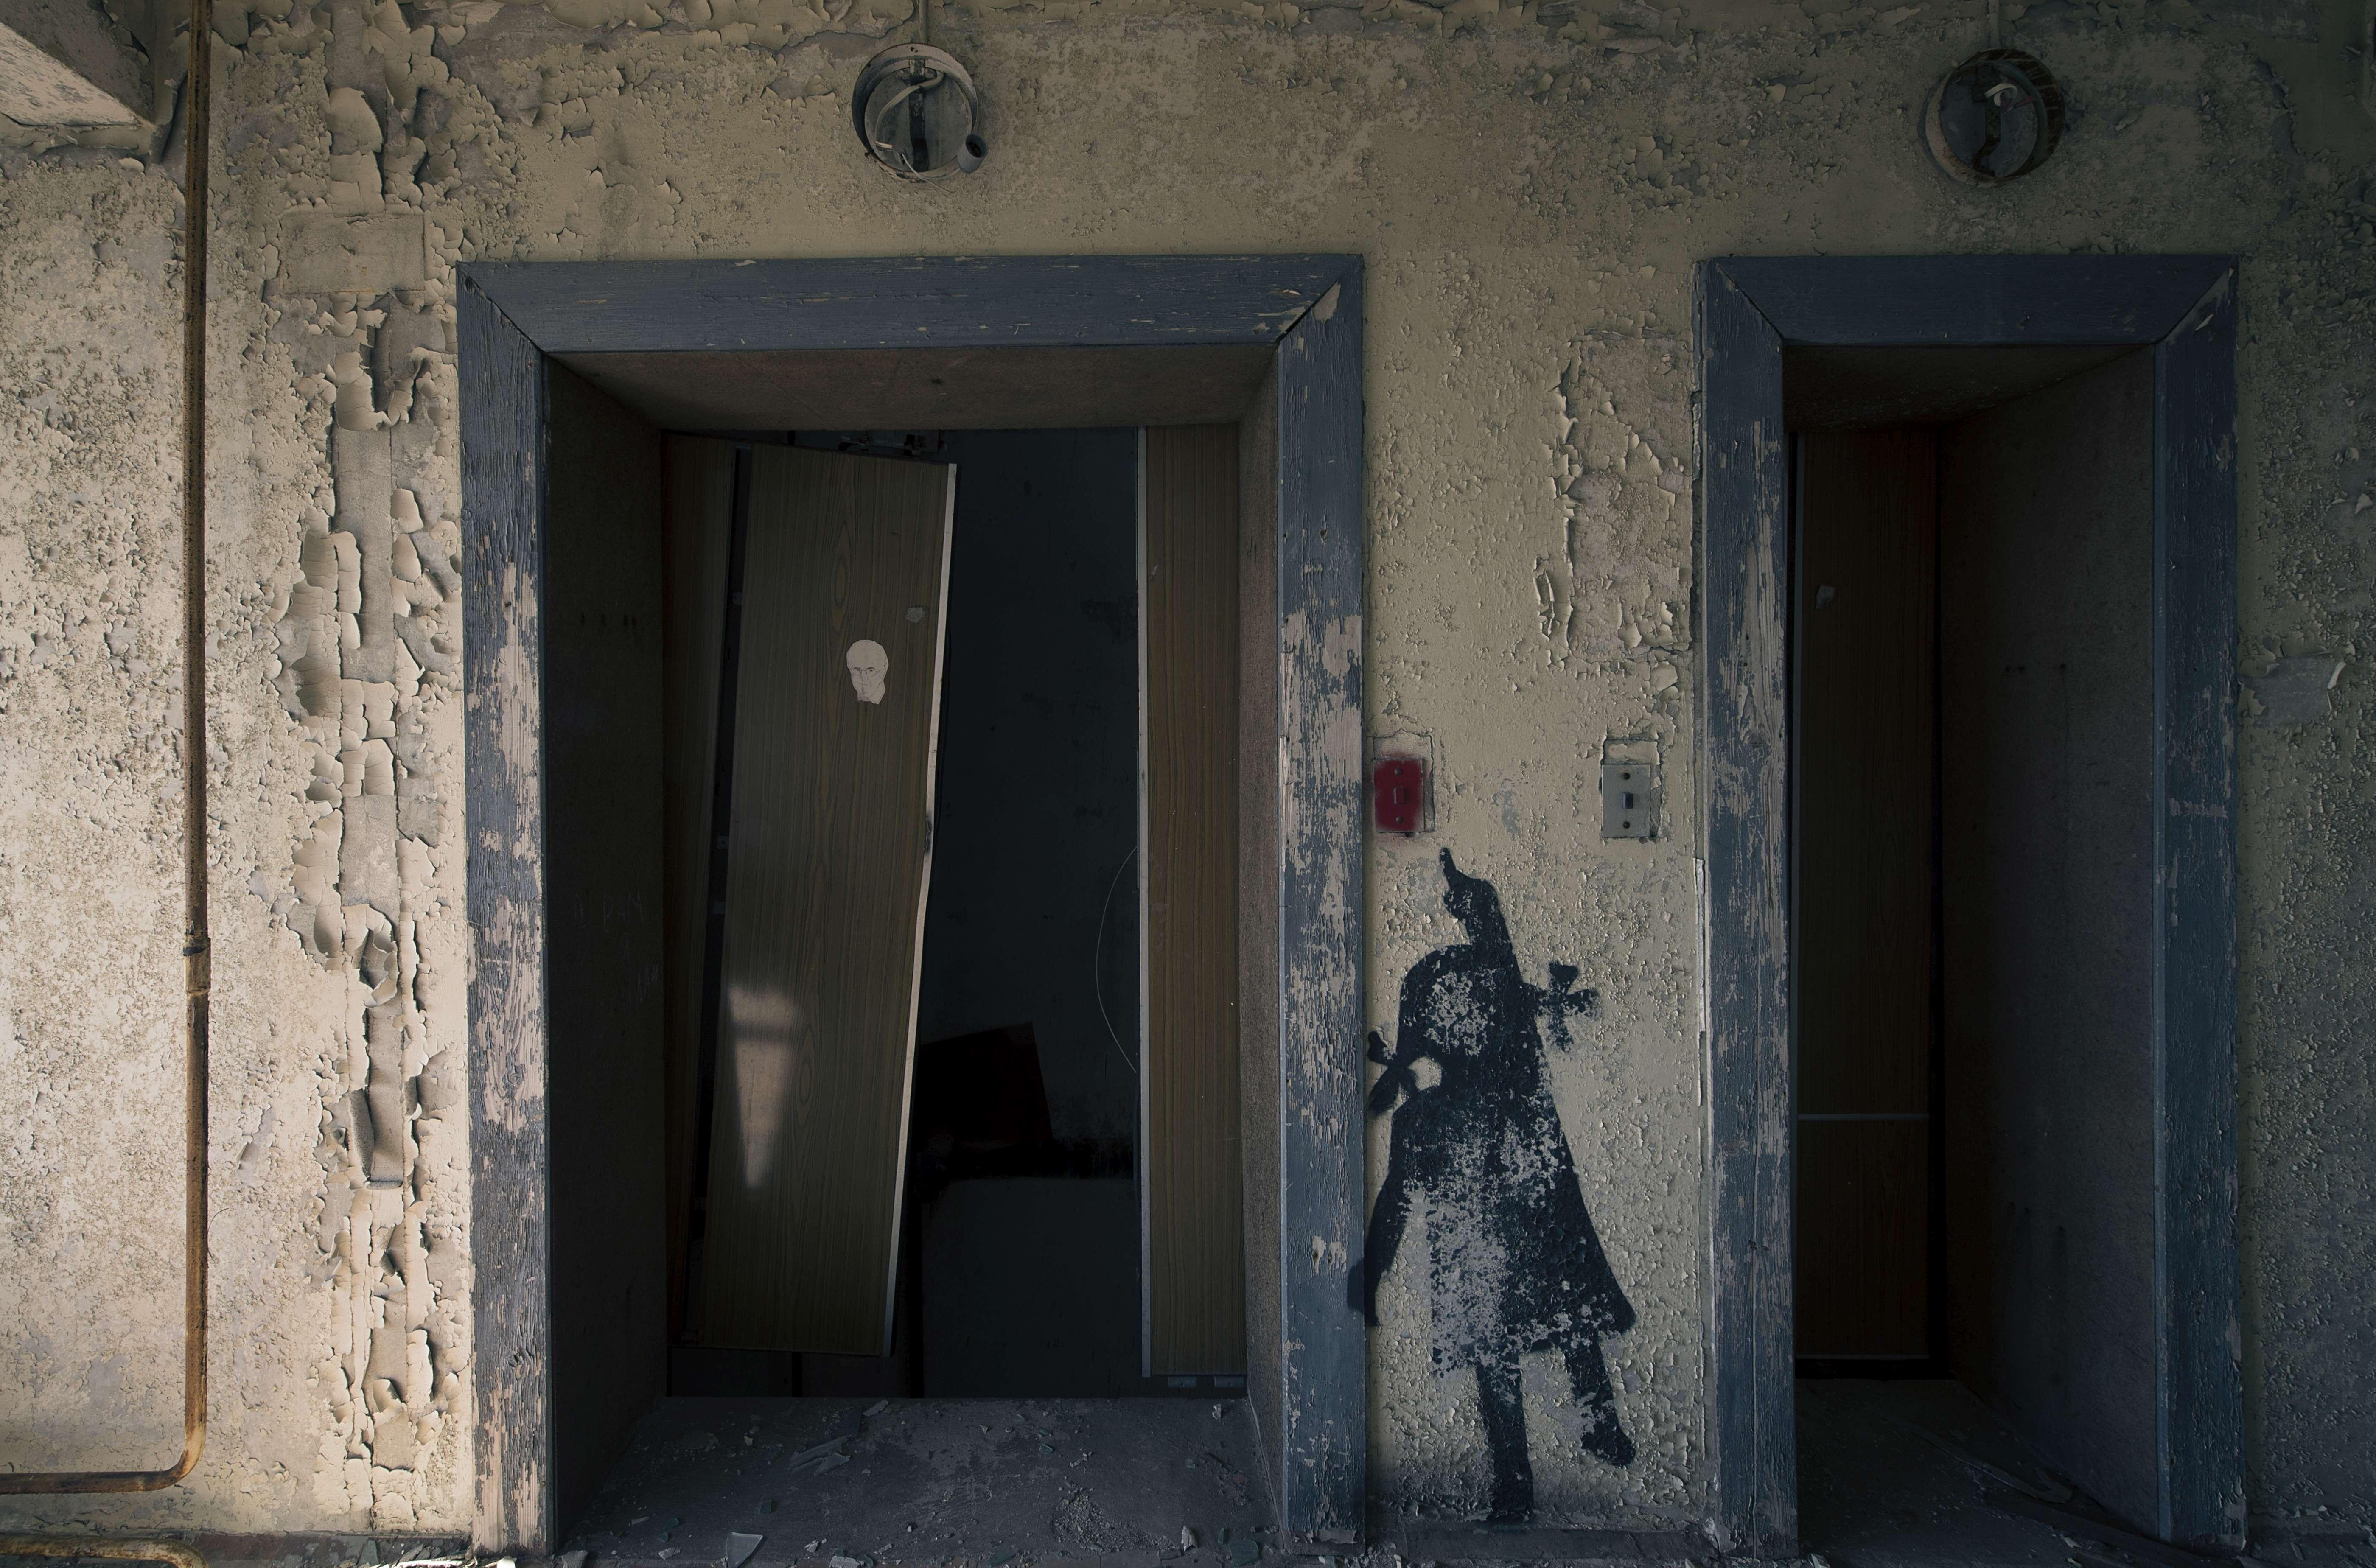 a Chernobyl 3 264 jp-5600